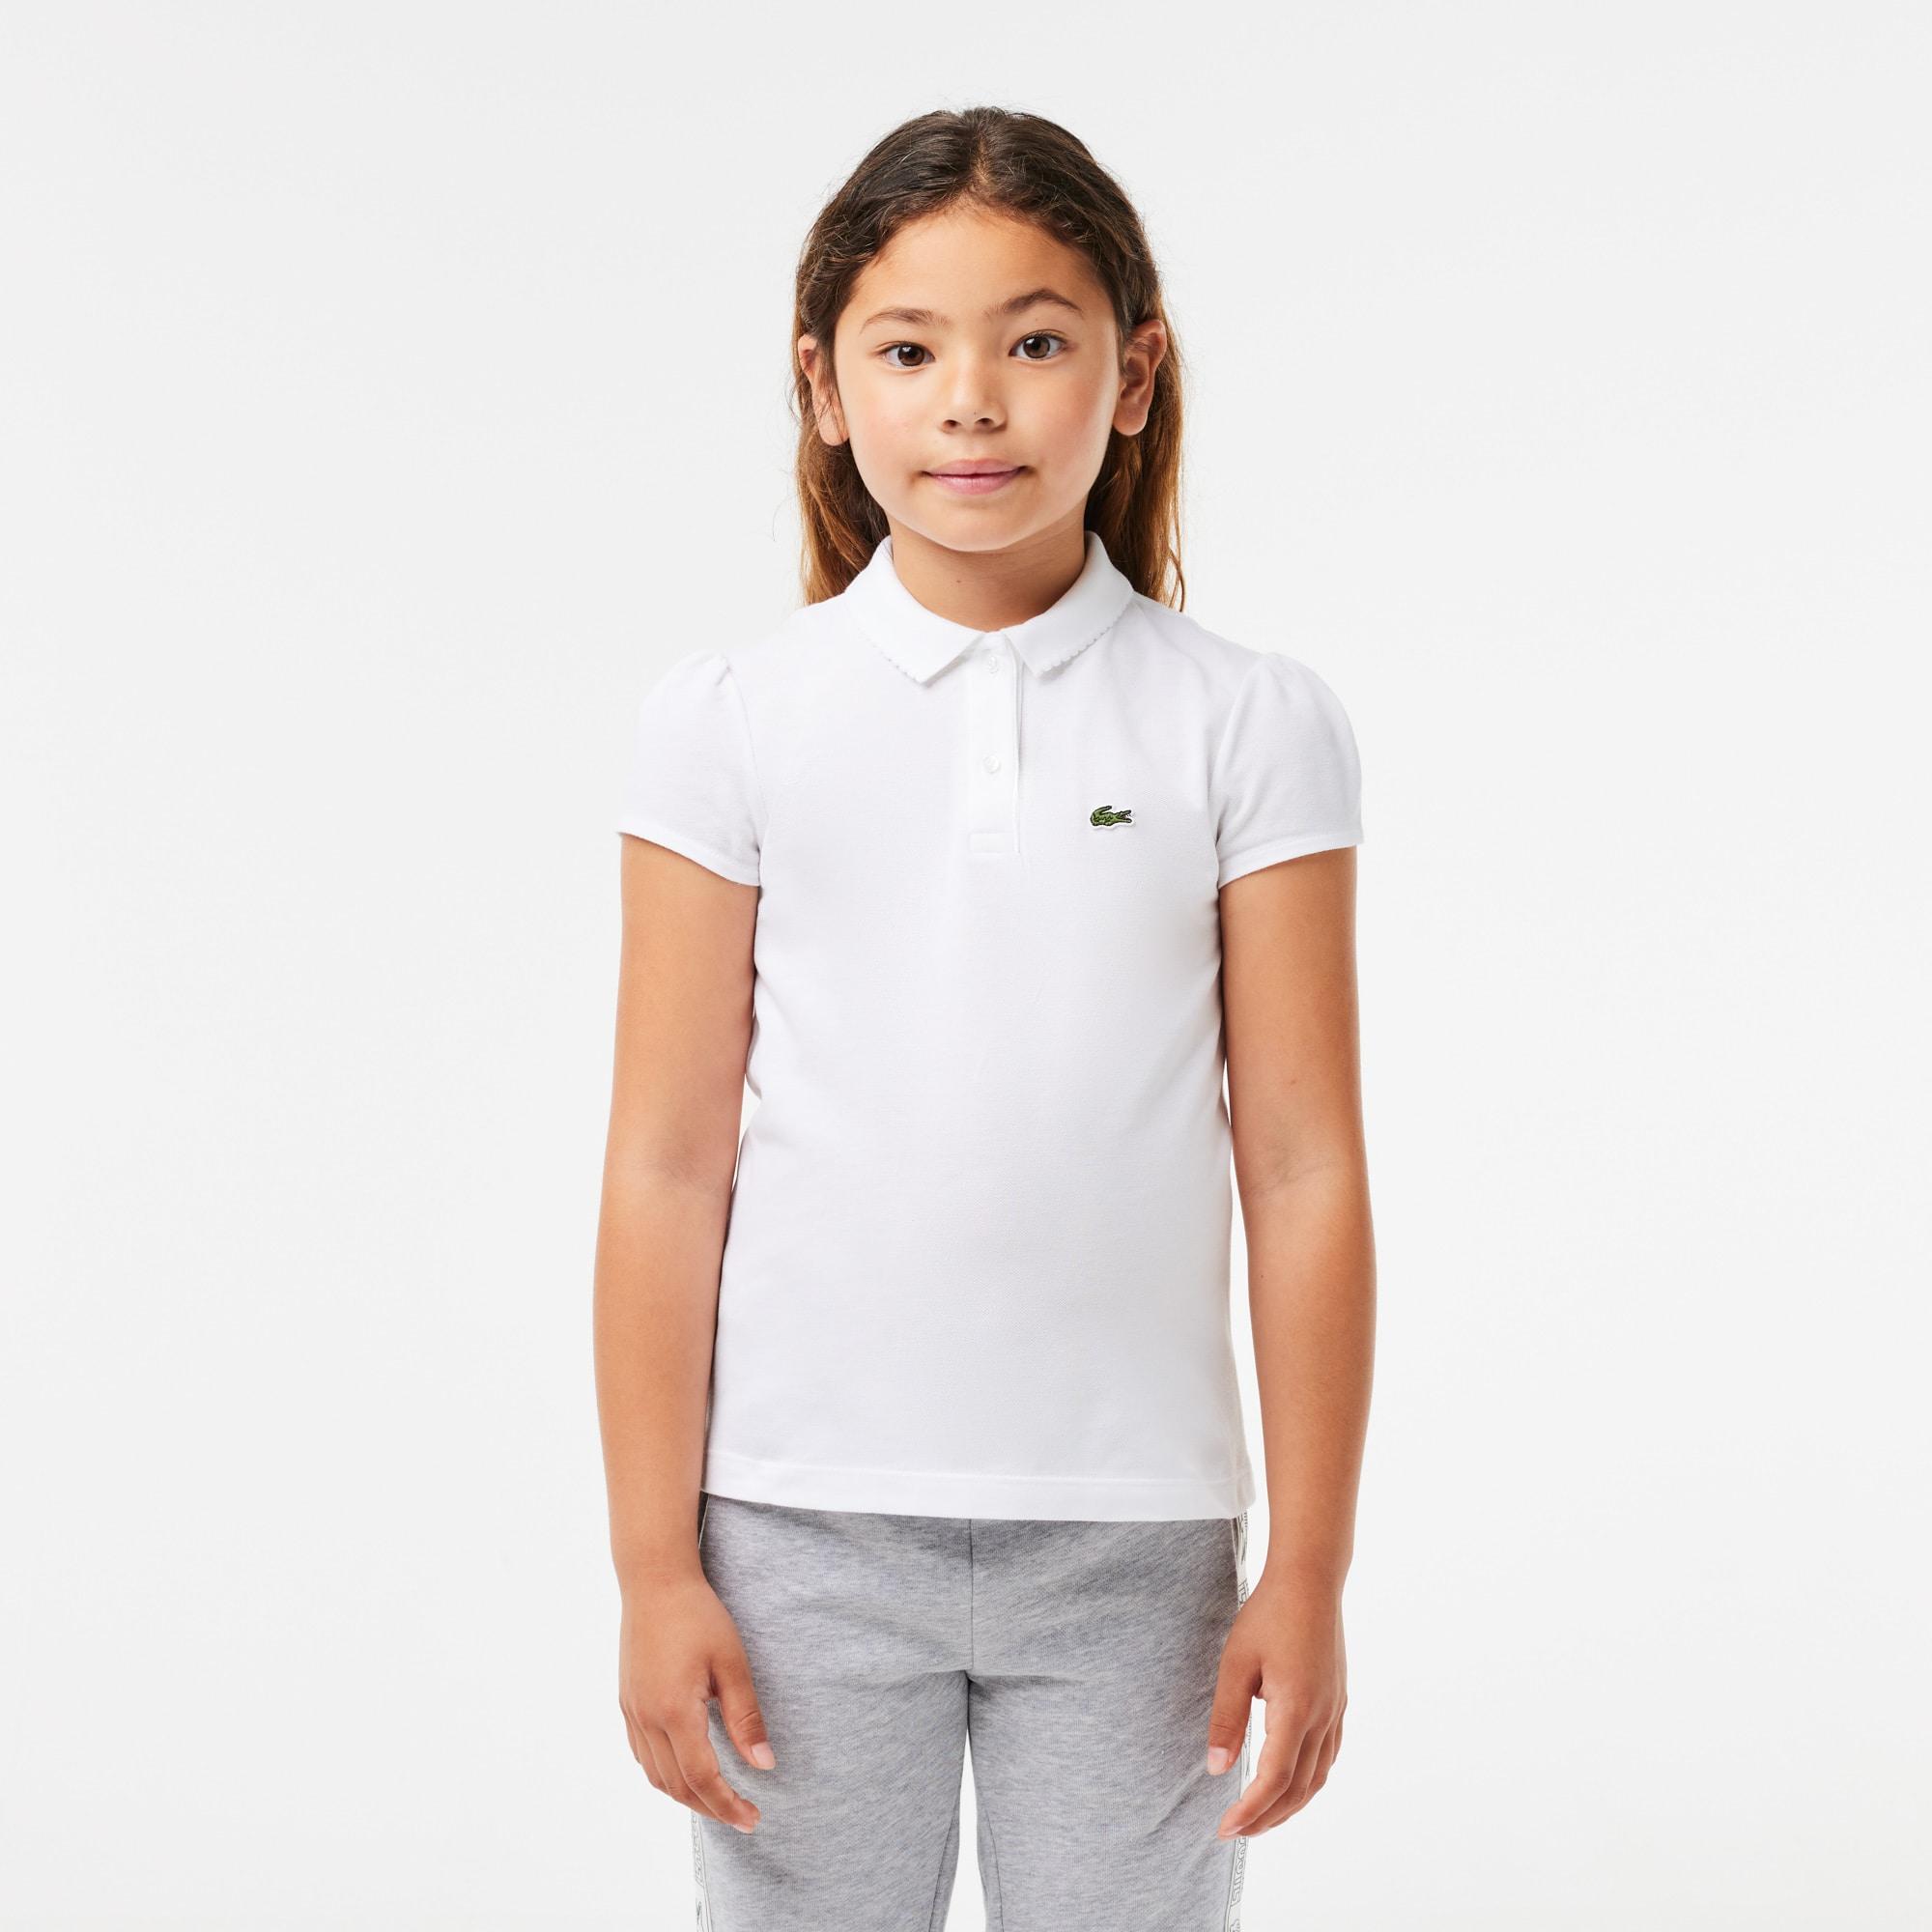 e9f26264cf Girls' Lacoste Scalloped Collar Mini Piqué Polo Shirt | LACOSTE